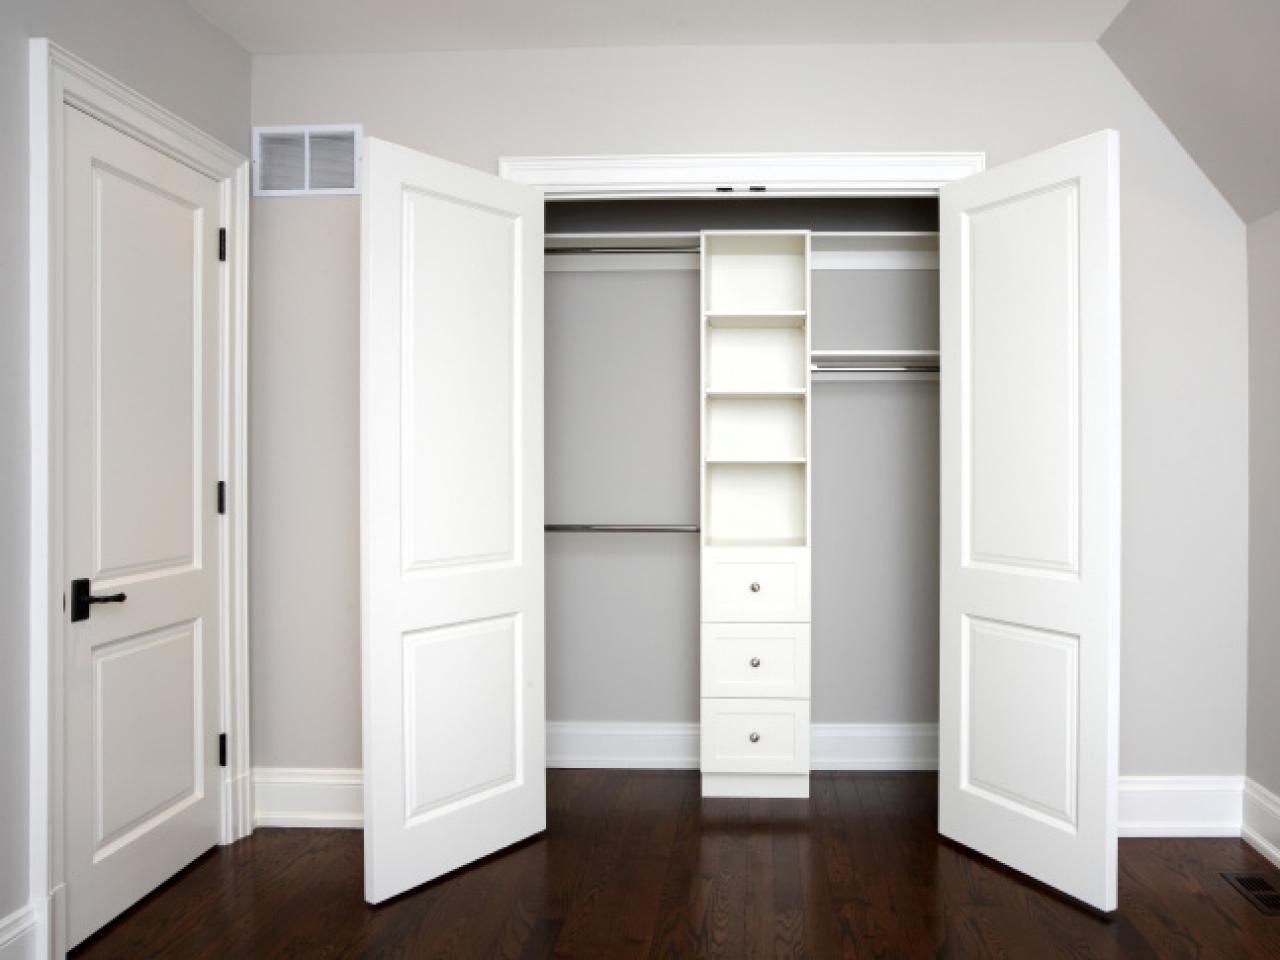 Sliding closet doors are unique